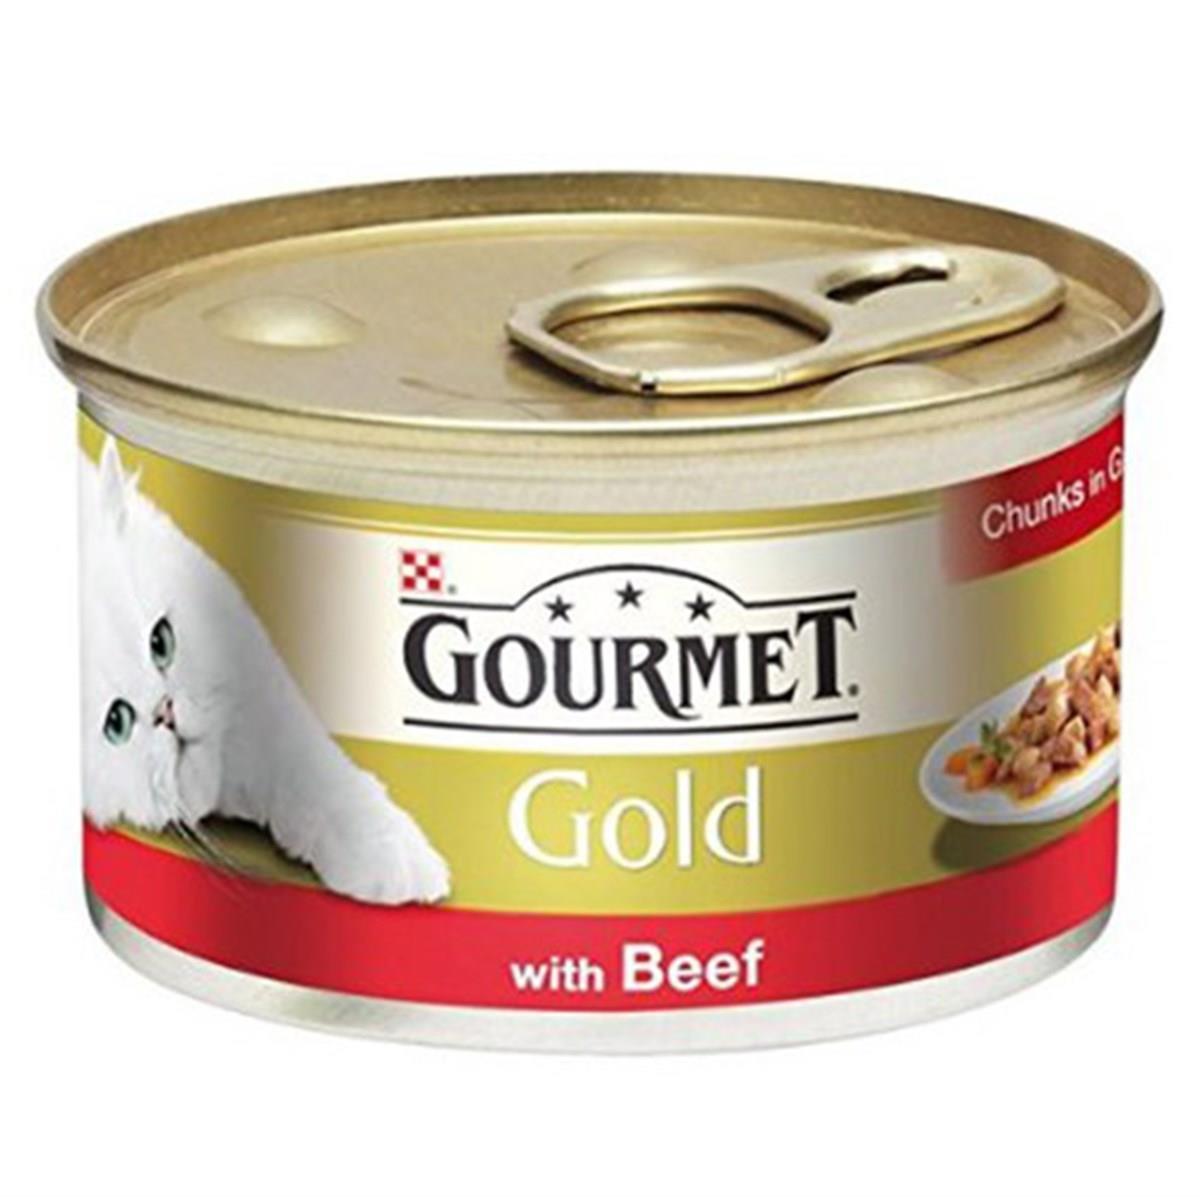 Gourmet Gold Sığır Etli Parça Etli Kedi Maması 85 Gr